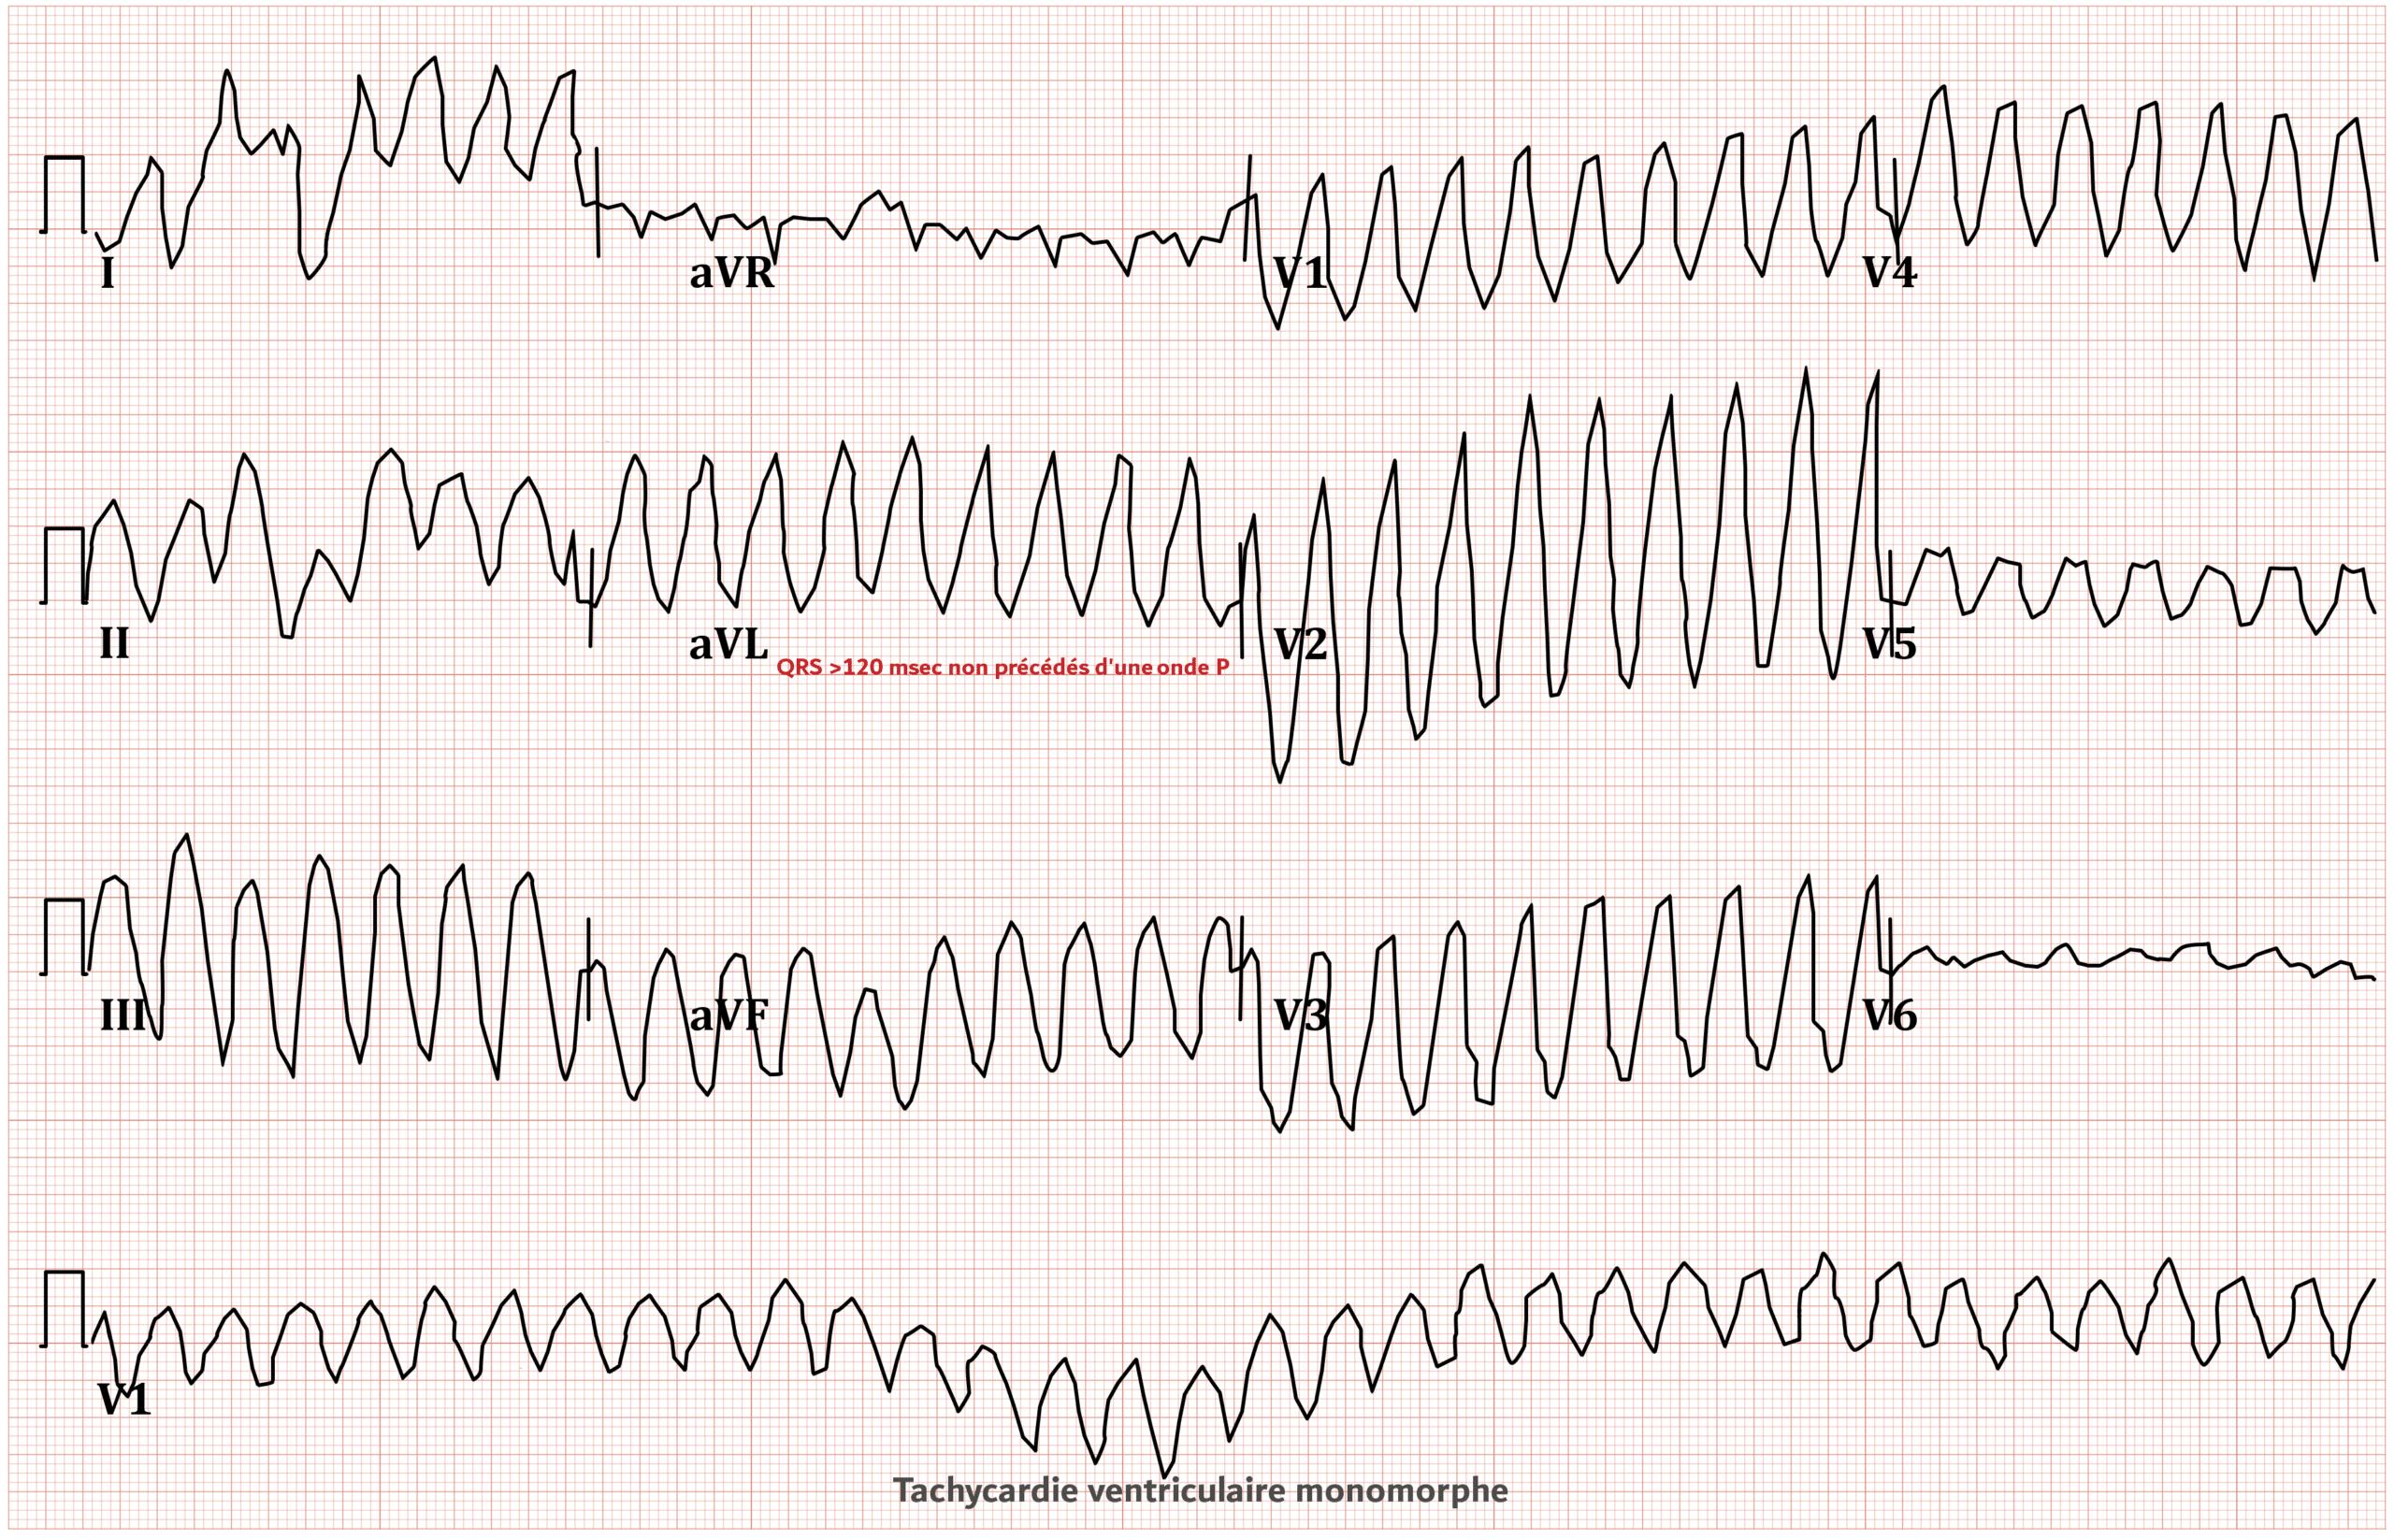 Tachycardie ventriculaire - ECG